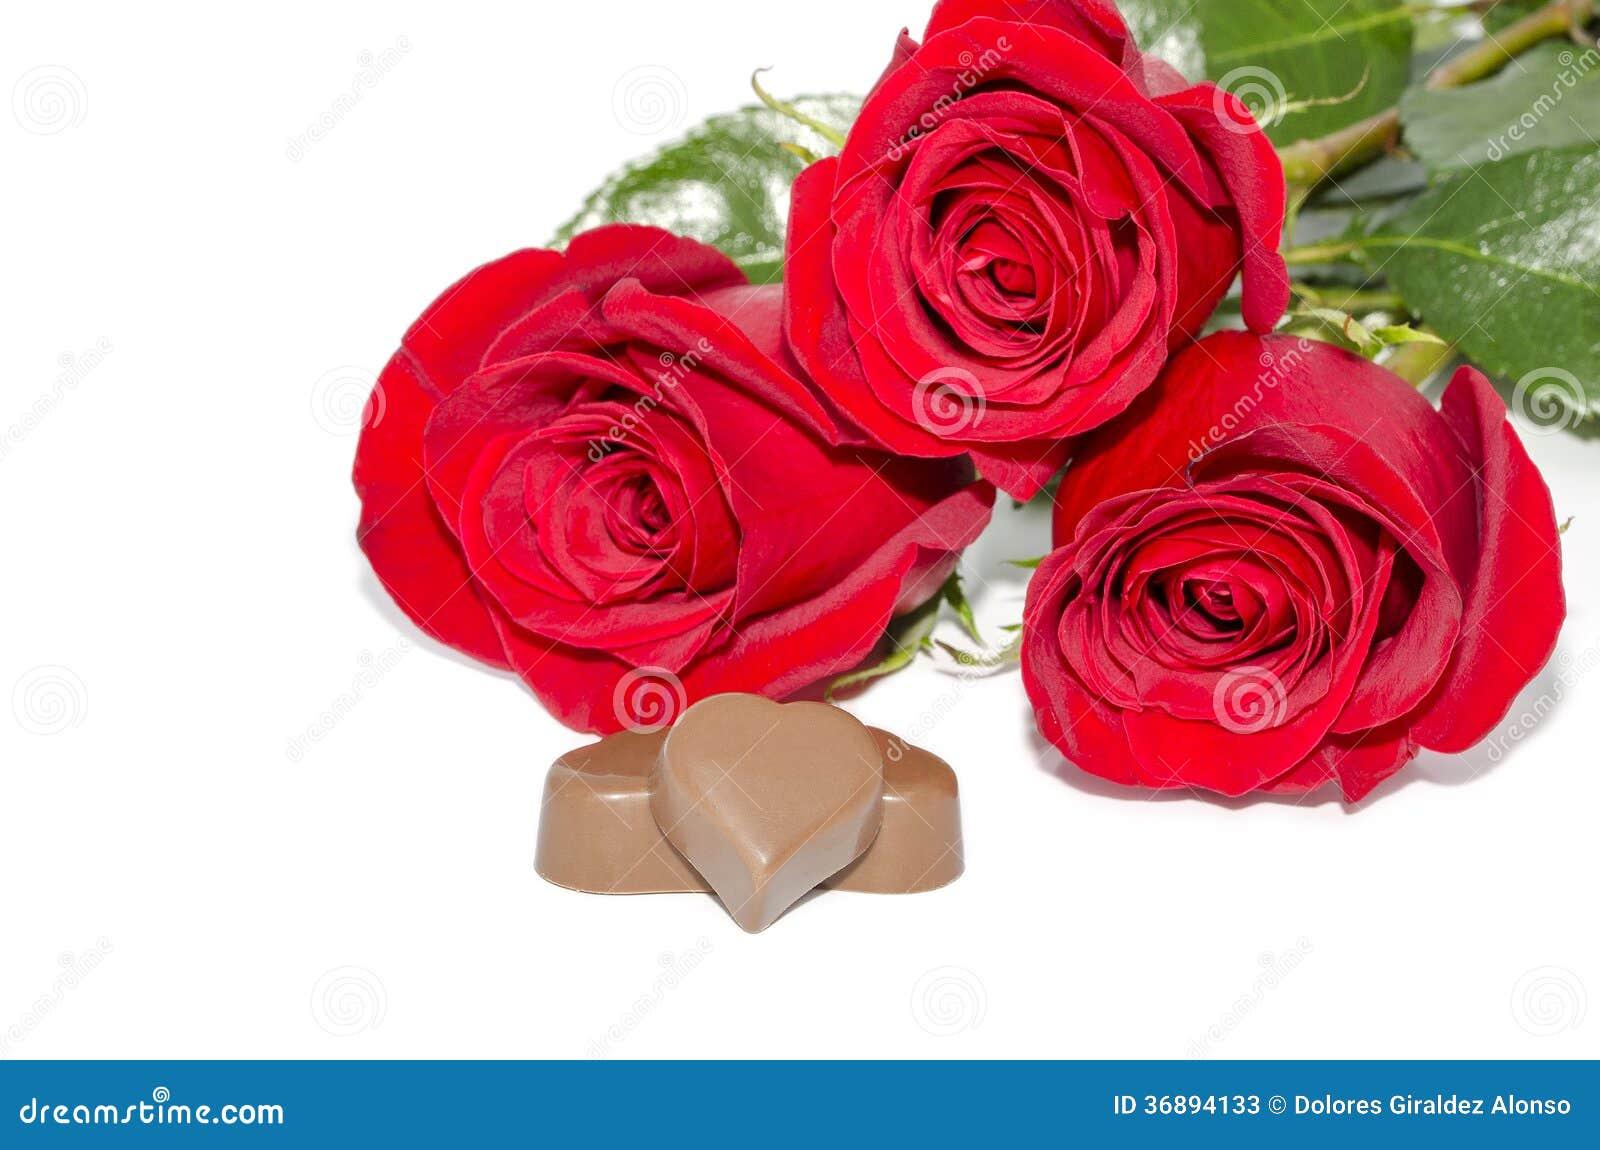 Download Cioccolato e rose immagine stock. Immagine di regalo - 36894133